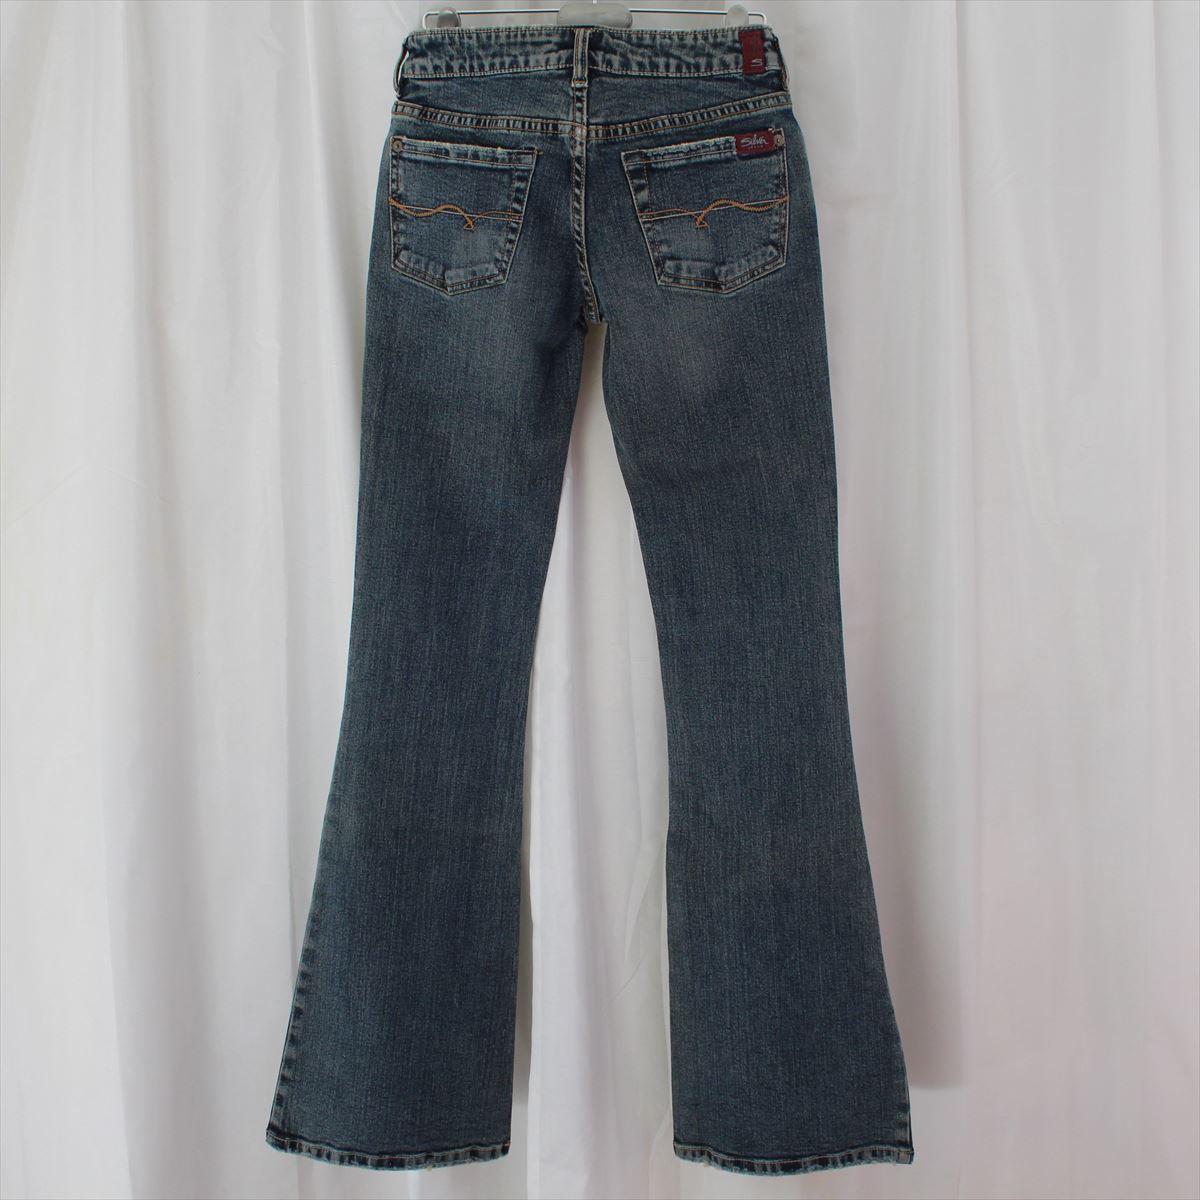 シルバージーンズ Silver Jeans レディースデニムパンツ 25インチ 新品_画像4